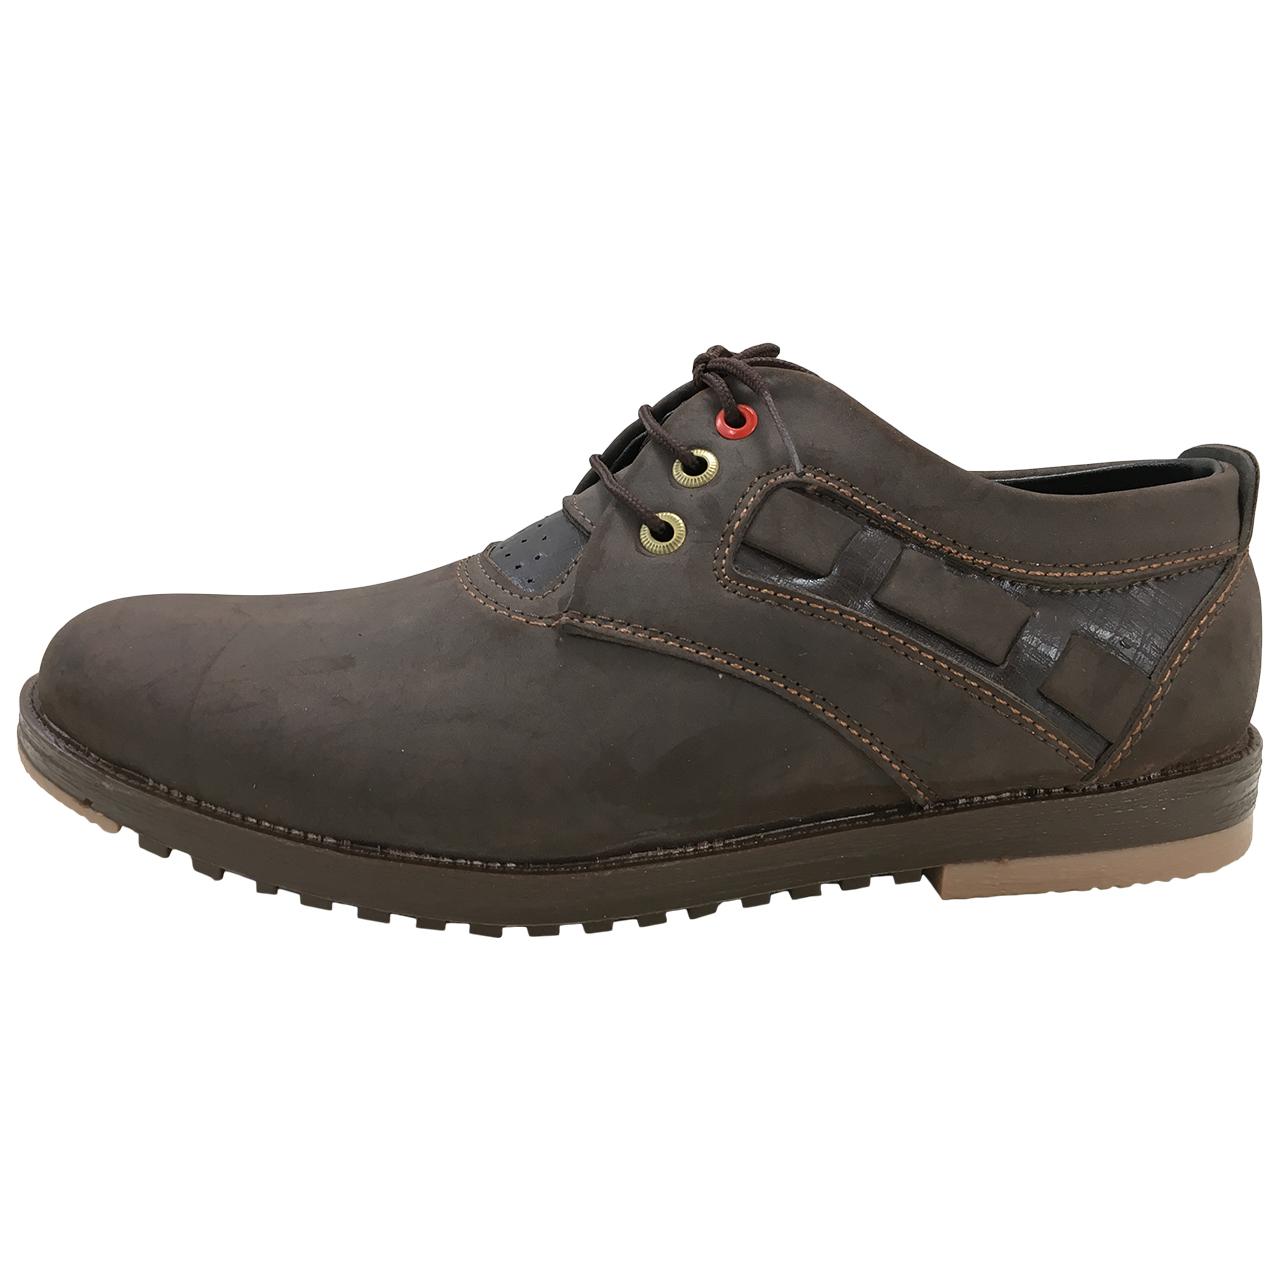 کفش مردانه نقش جهان مدل تیبا کد 2592